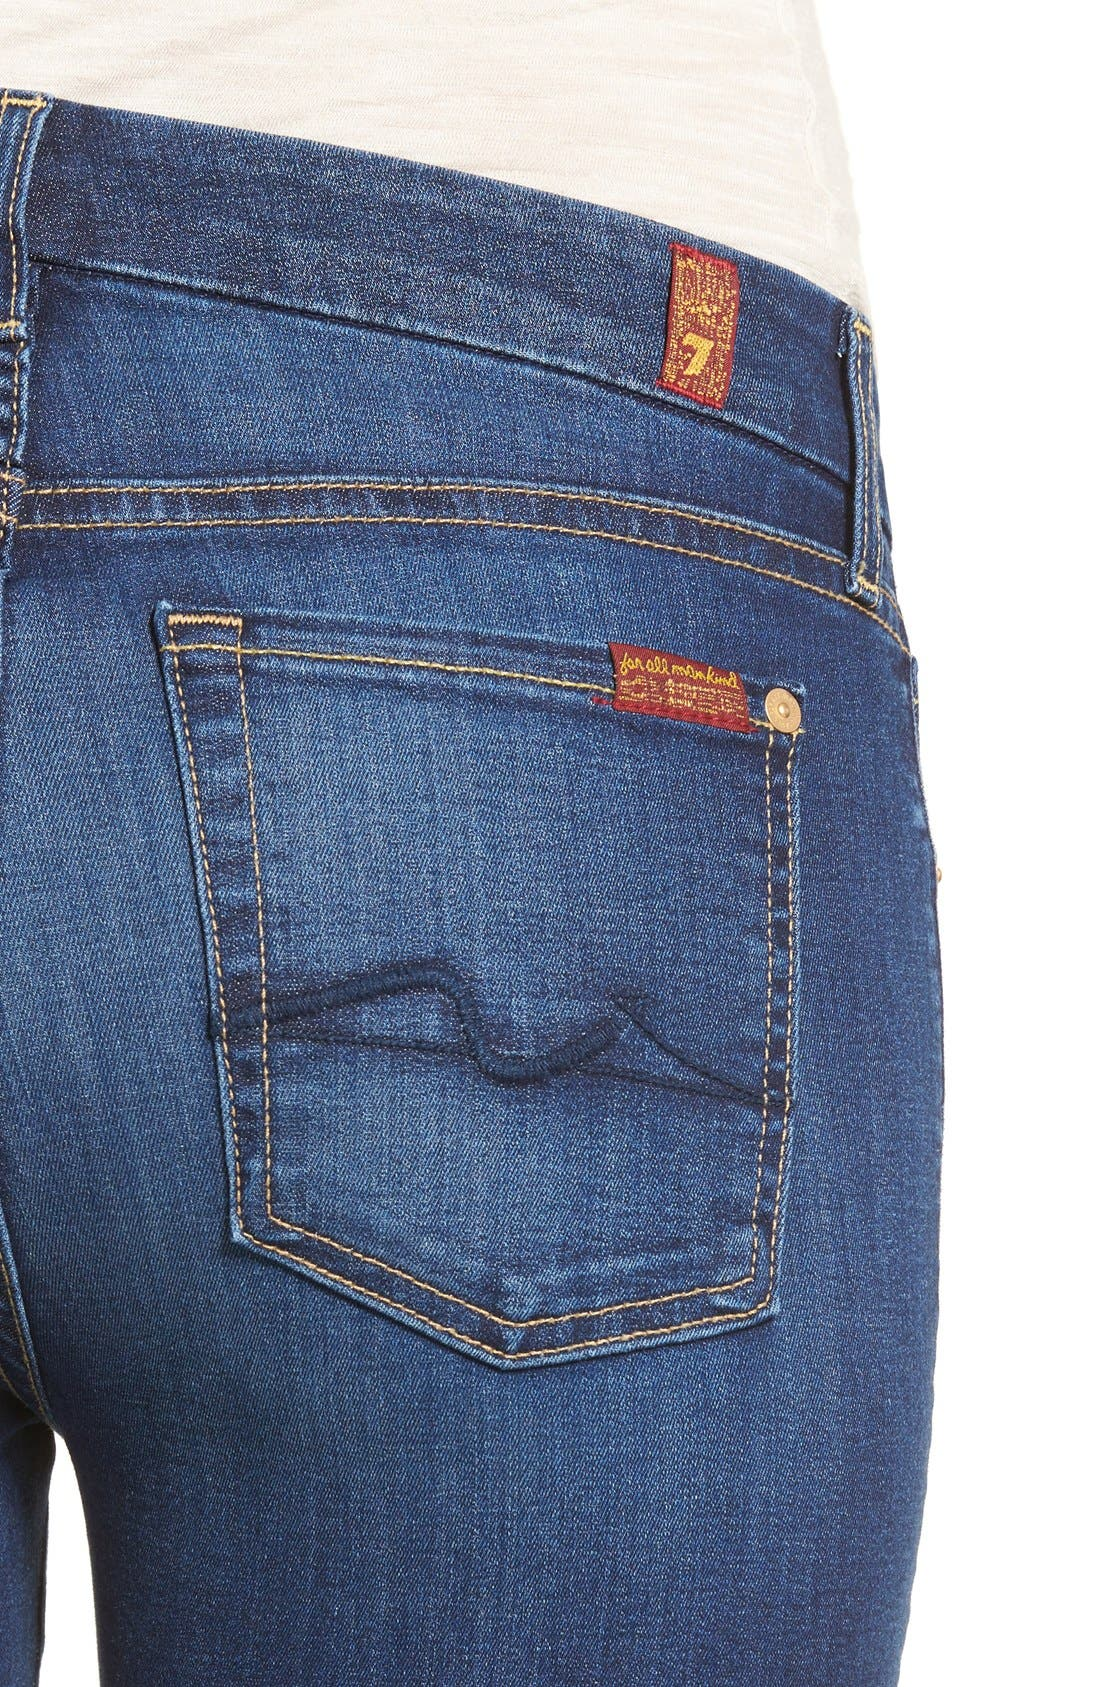 b(air) Kimmie Straight Leg Jeans,                             Alternate thumbnail 4, color,                             DUCHESS